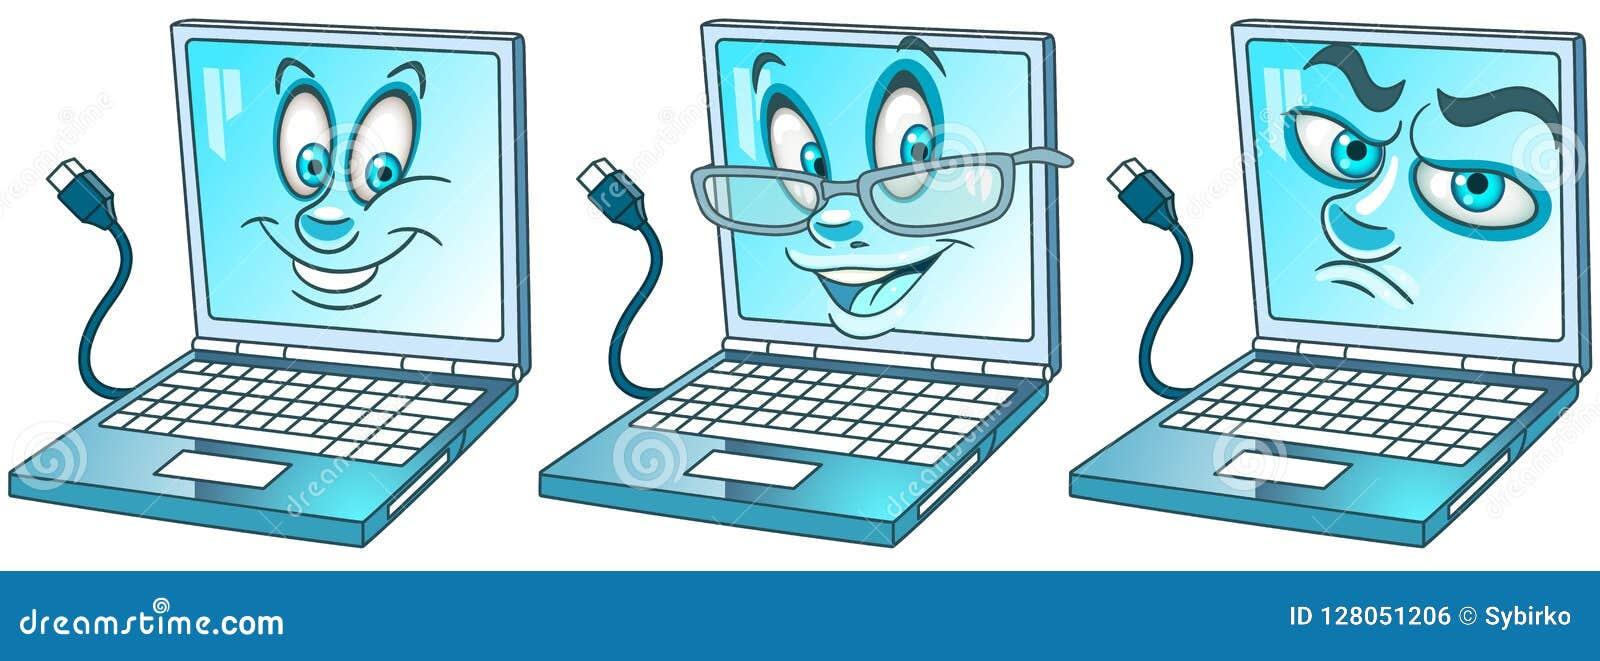 Ноутбук Компьютер-книжка Современная концепция технологий